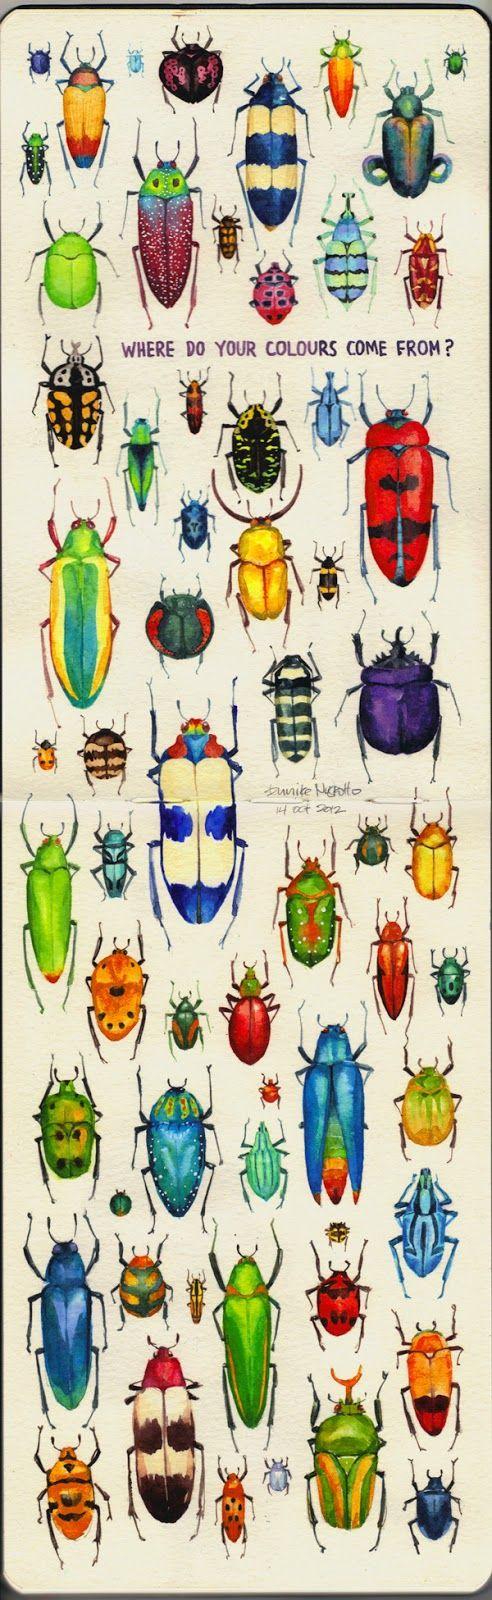 Eunike Nugroho: Colours of Beetles. Colorful idea for painting bugs on rocks. http://eunikenugroho.blogspot.co.uk/2012/10/yesterday-i-stumbled-upon-amazing.html